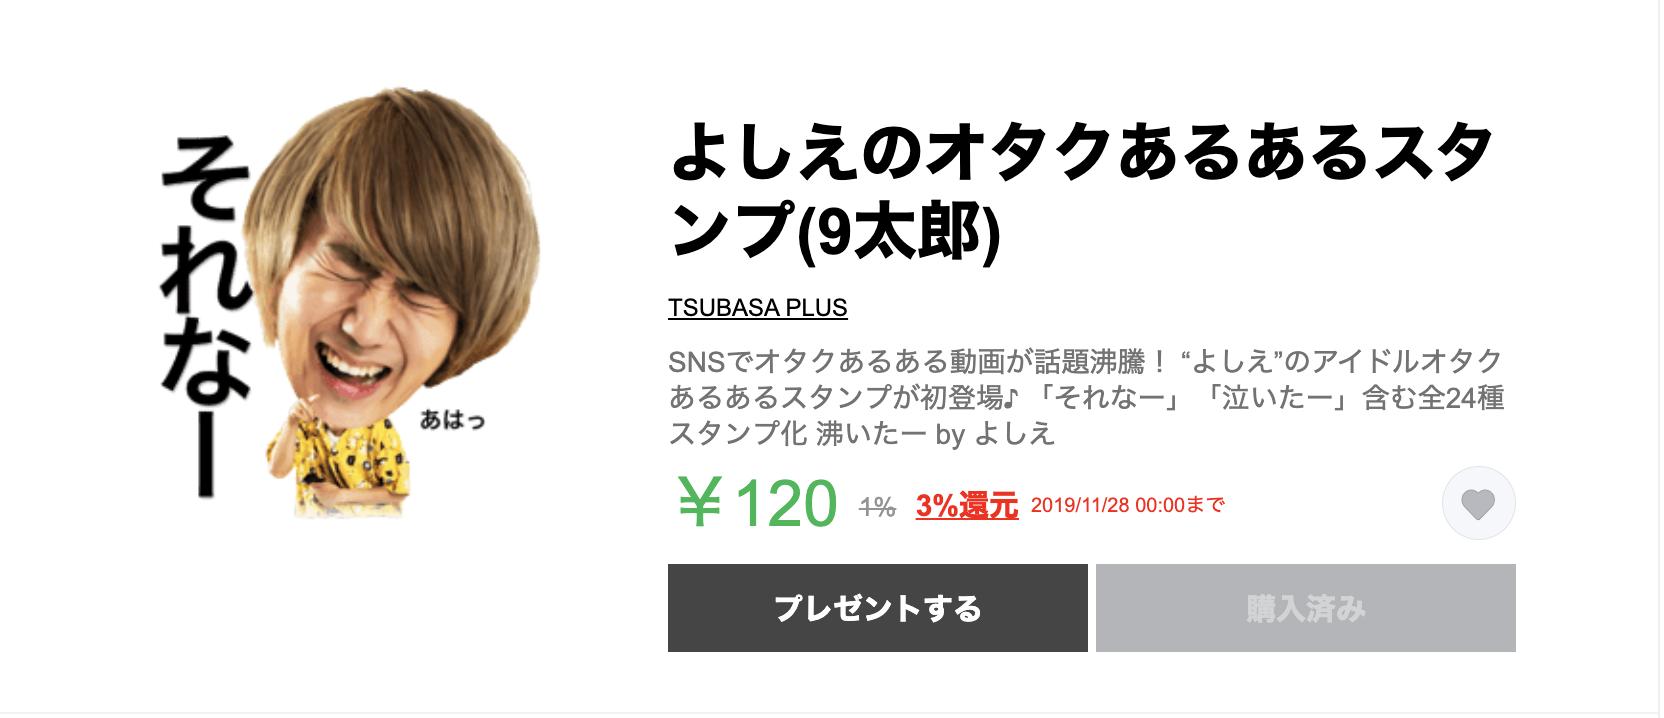 """【NEWS】9太郎の""""オタクあるあるスタンプ""""が登場♪"""